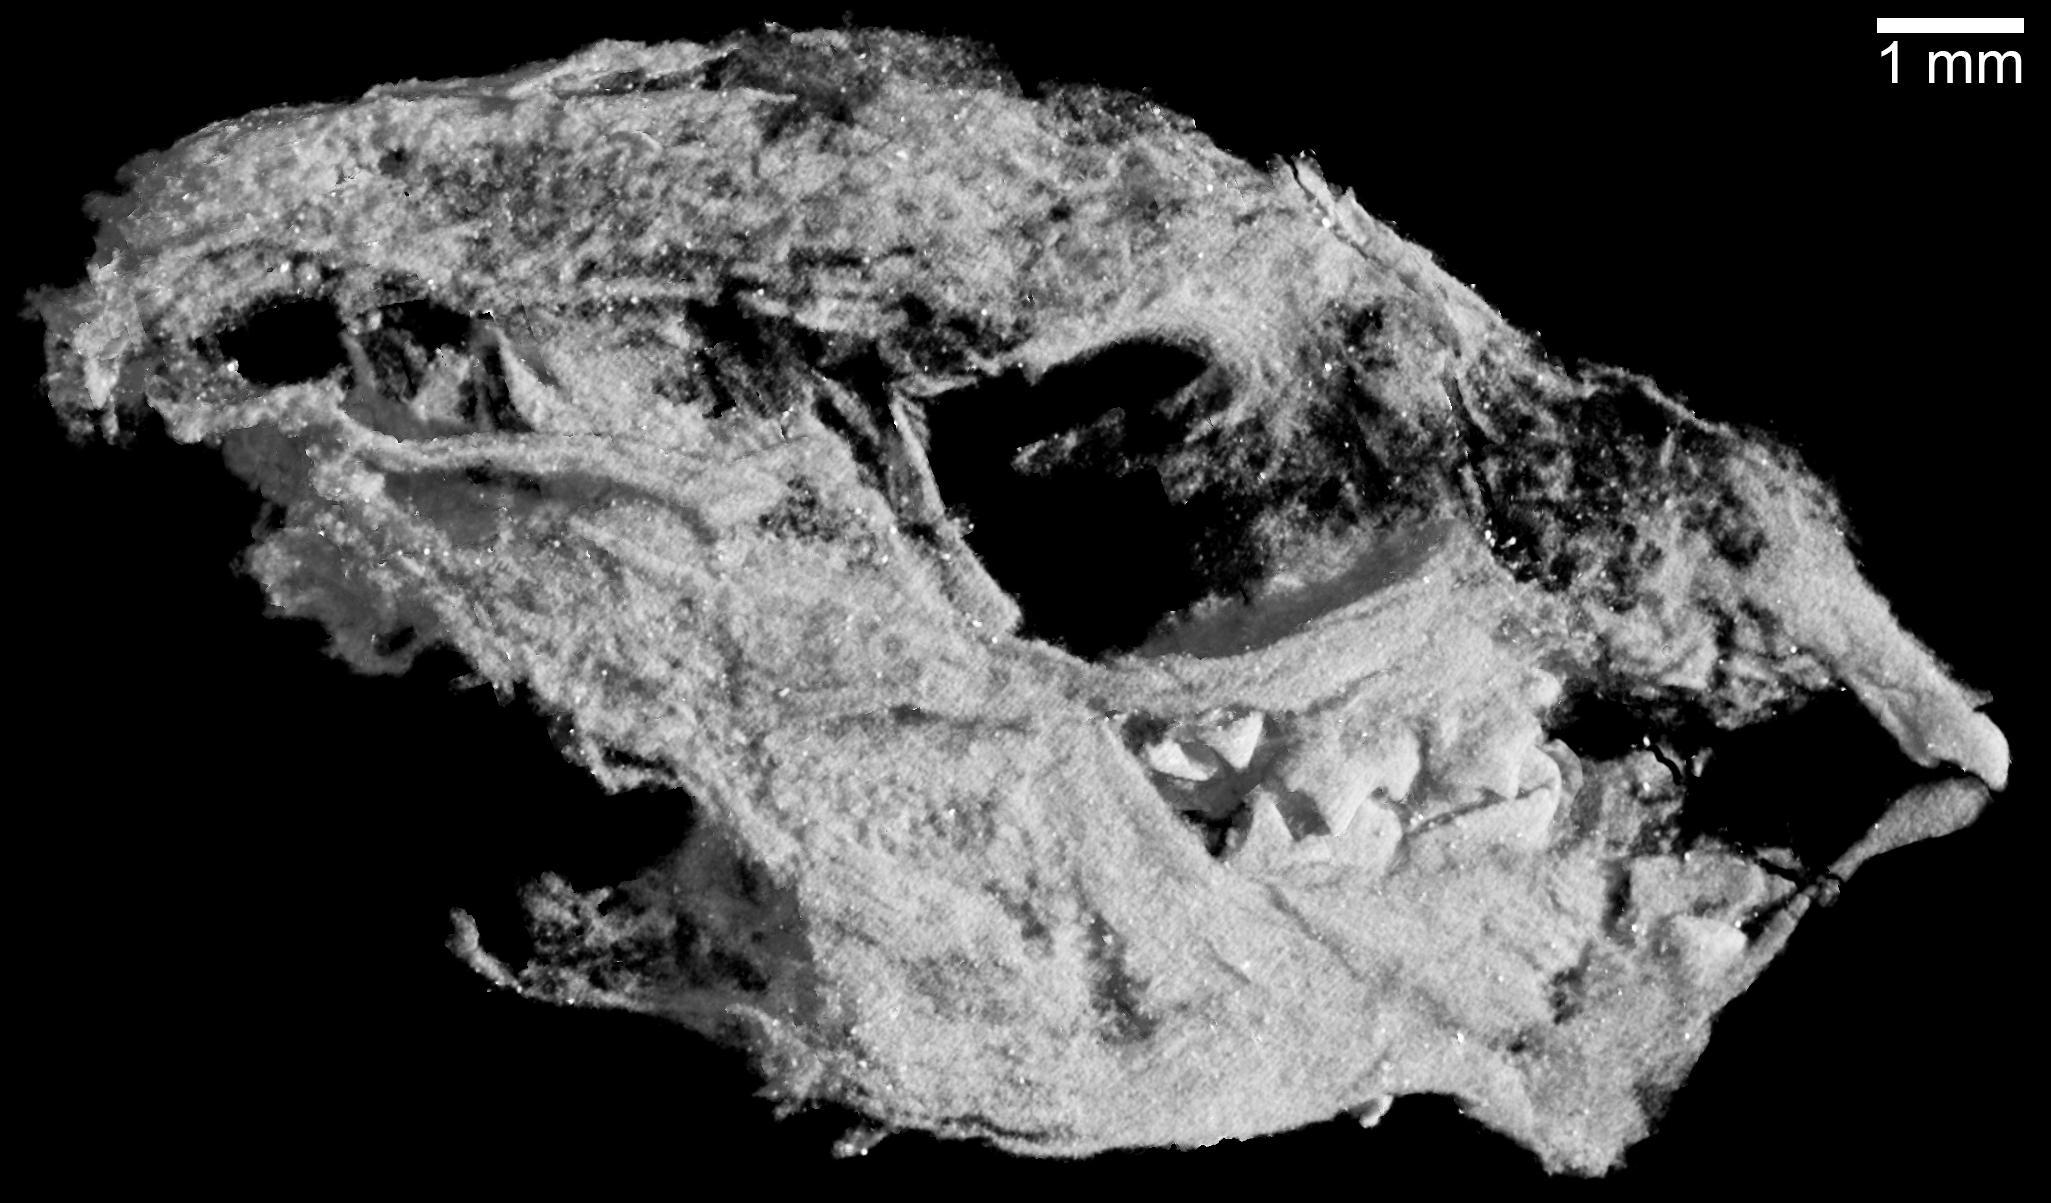 Baby Kayentatherium